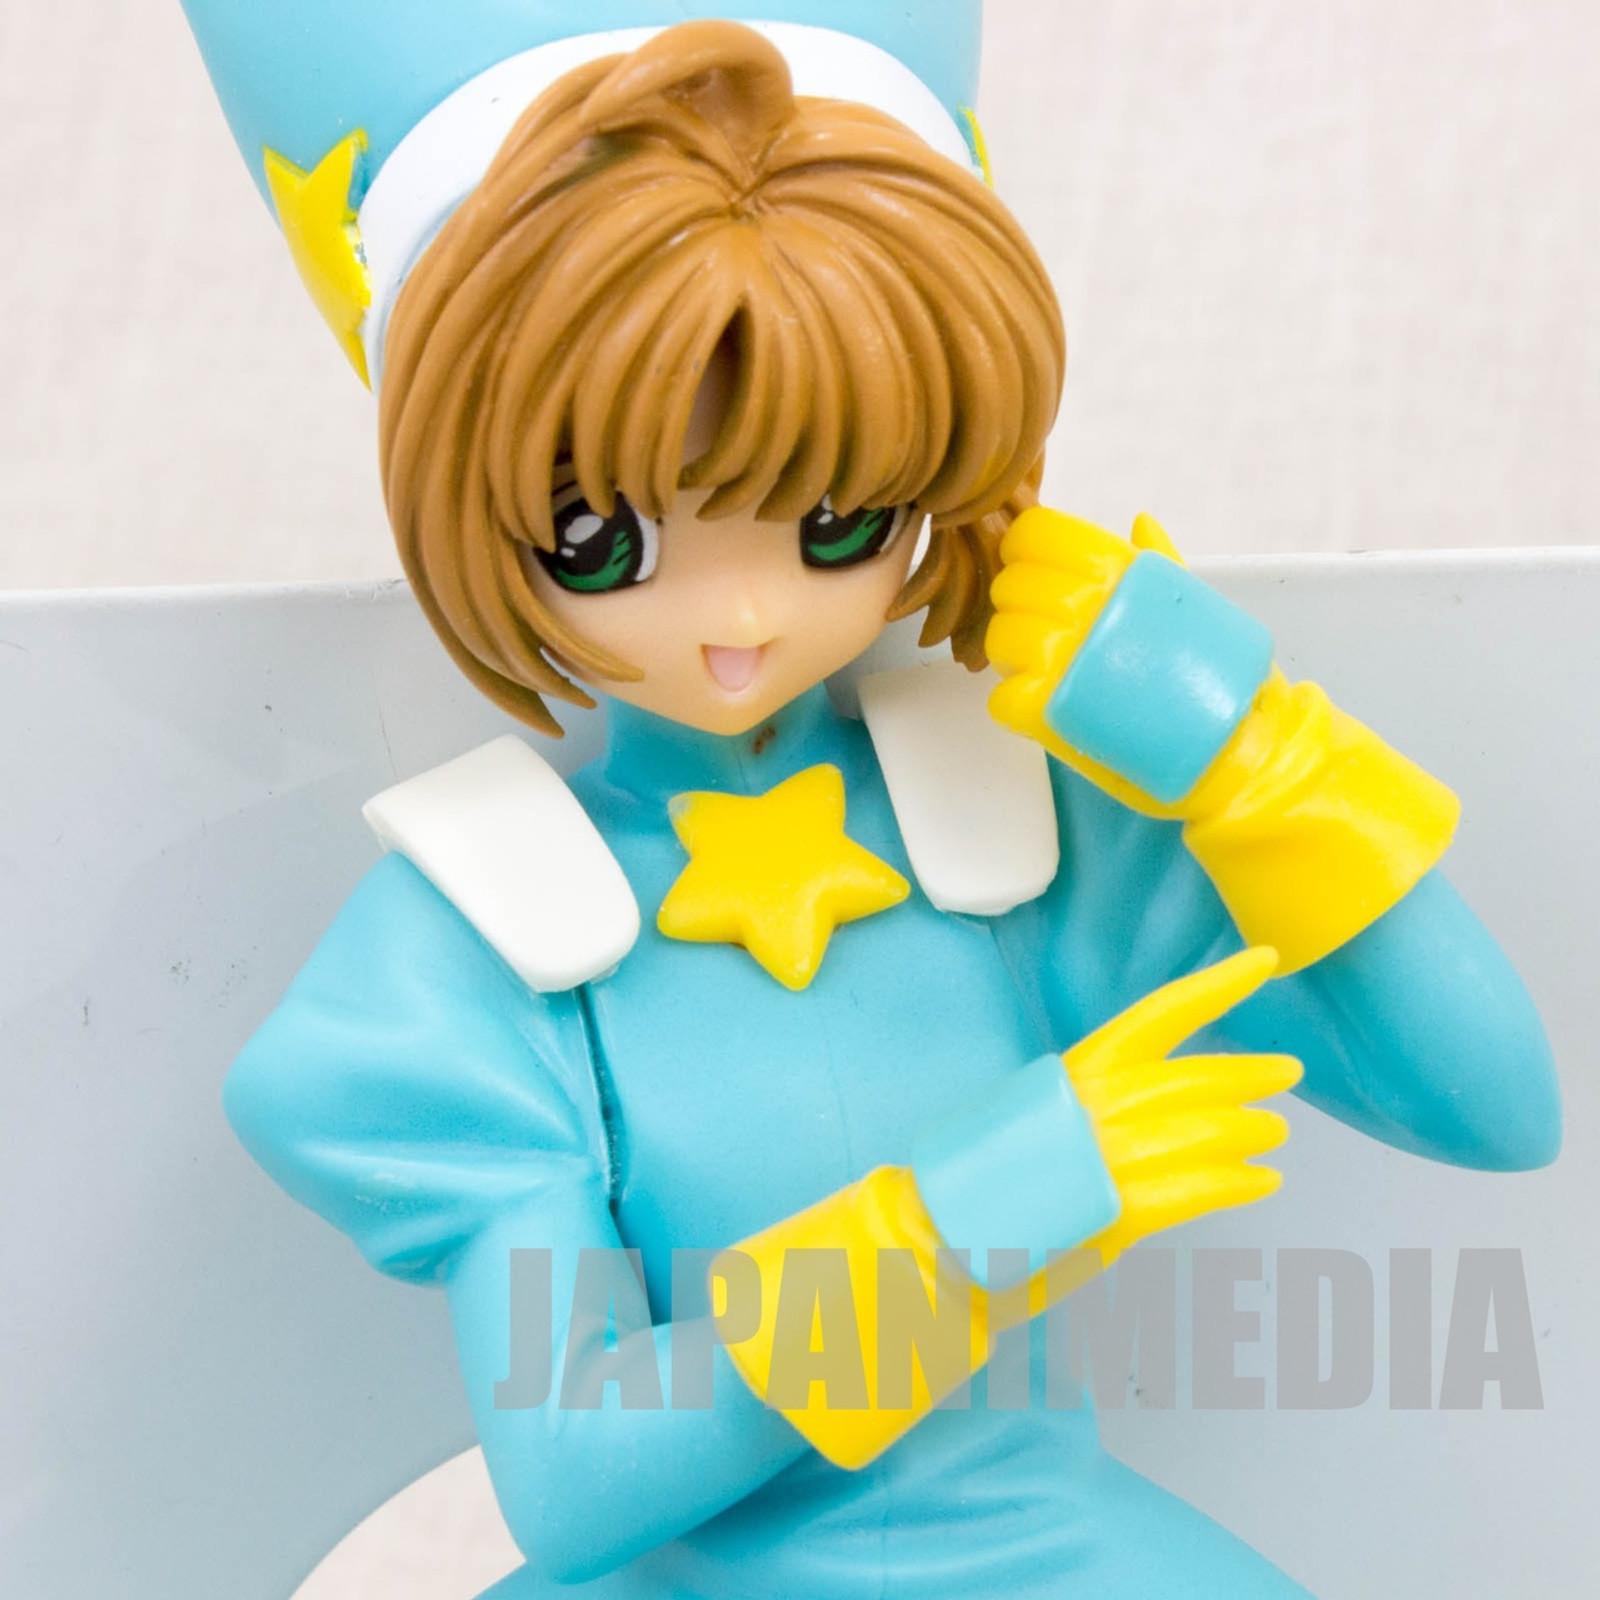 Cardcaptor Sakura PVC Model 1/6 scale Figure Battle Costume Ver. CLAMP JAPAN ANIME